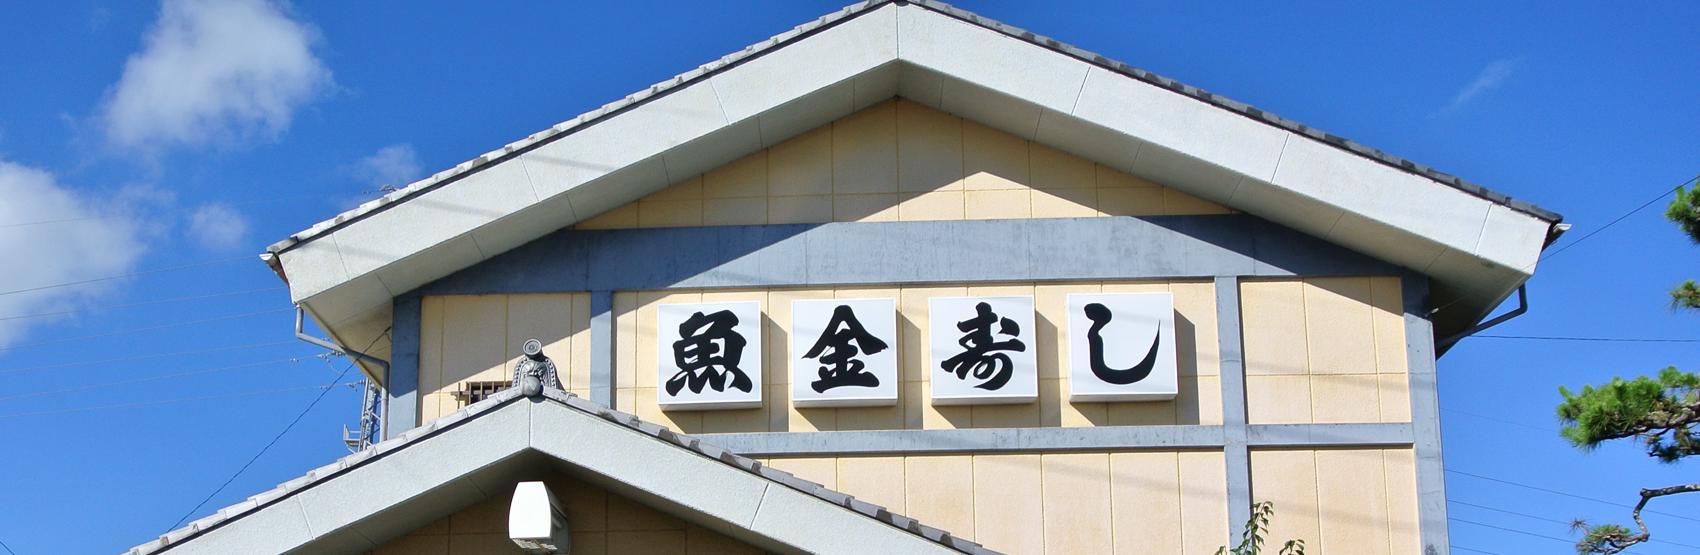 吉田町魚金寿司について